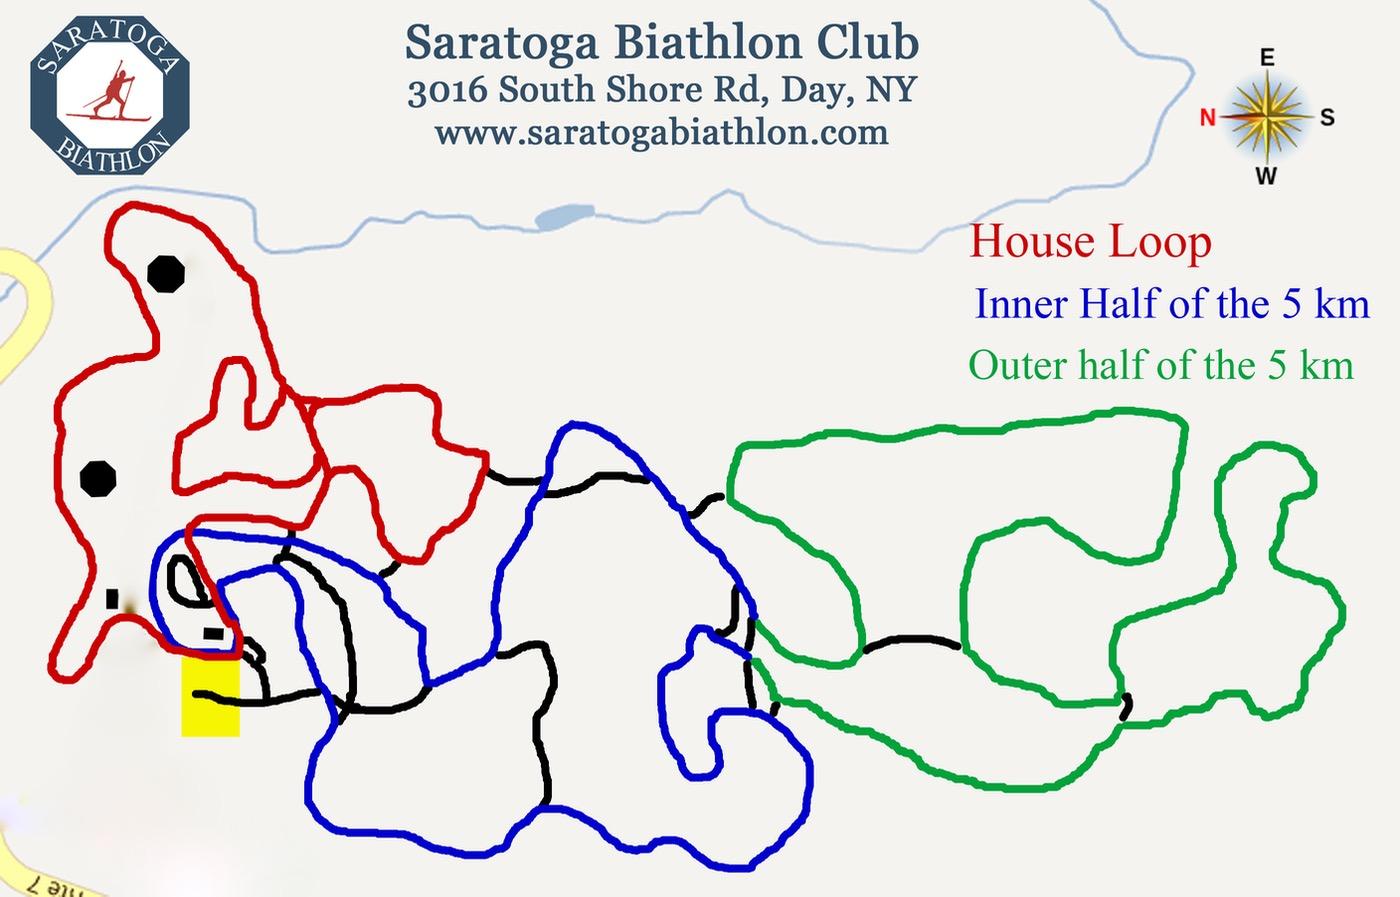 Saratoga Biathlon Club trail map